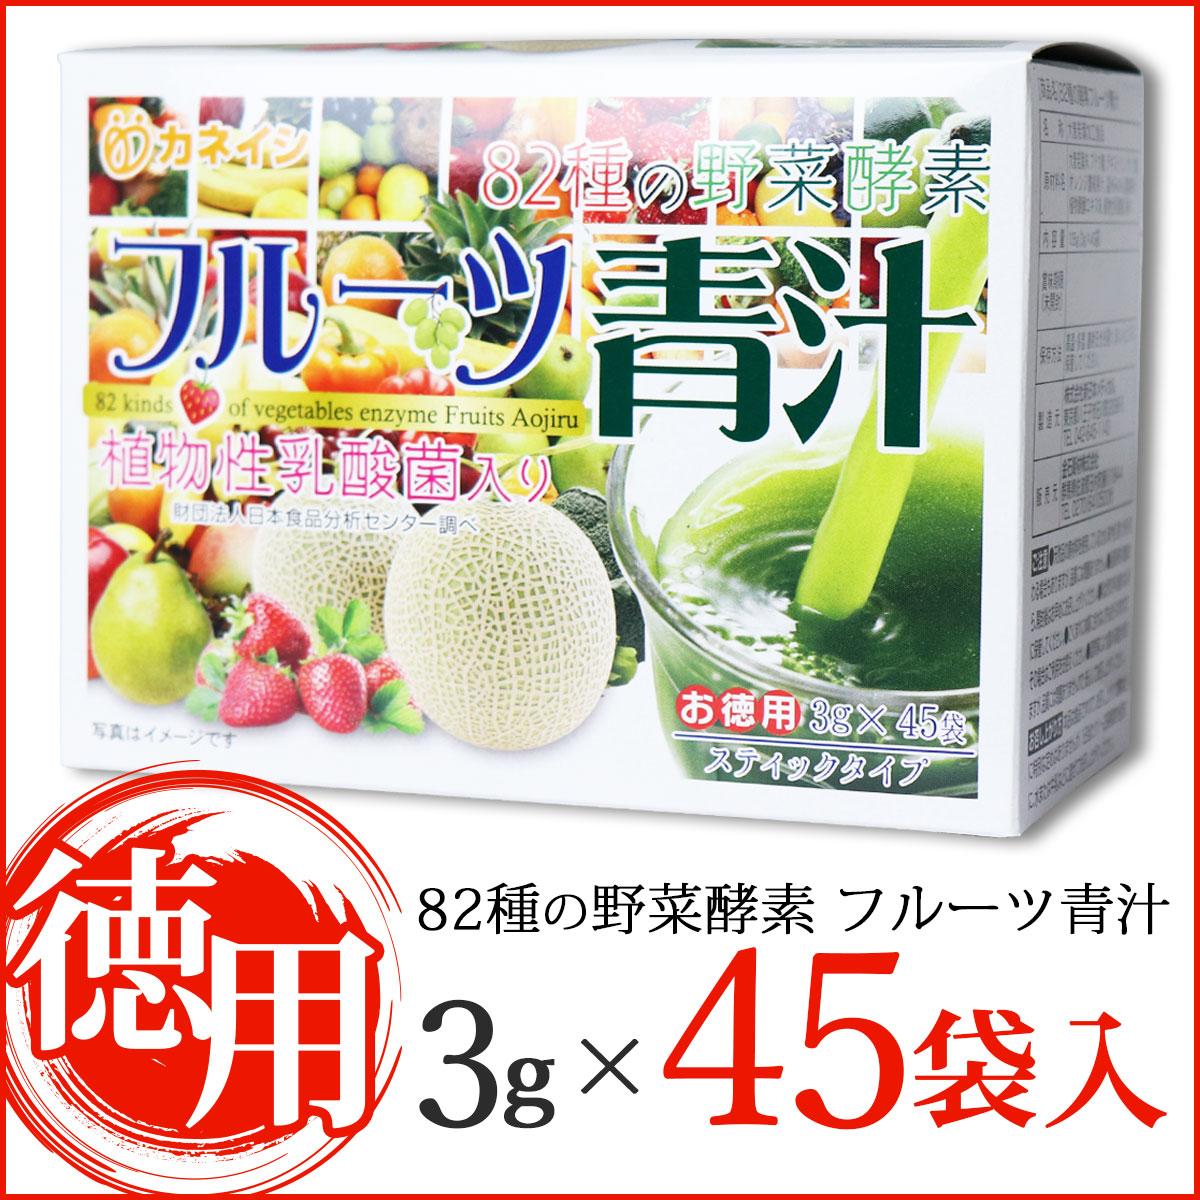 ※82種の野菜酵素 フルーツ青汁 スティックタイプ お徳用 3g×45袋入